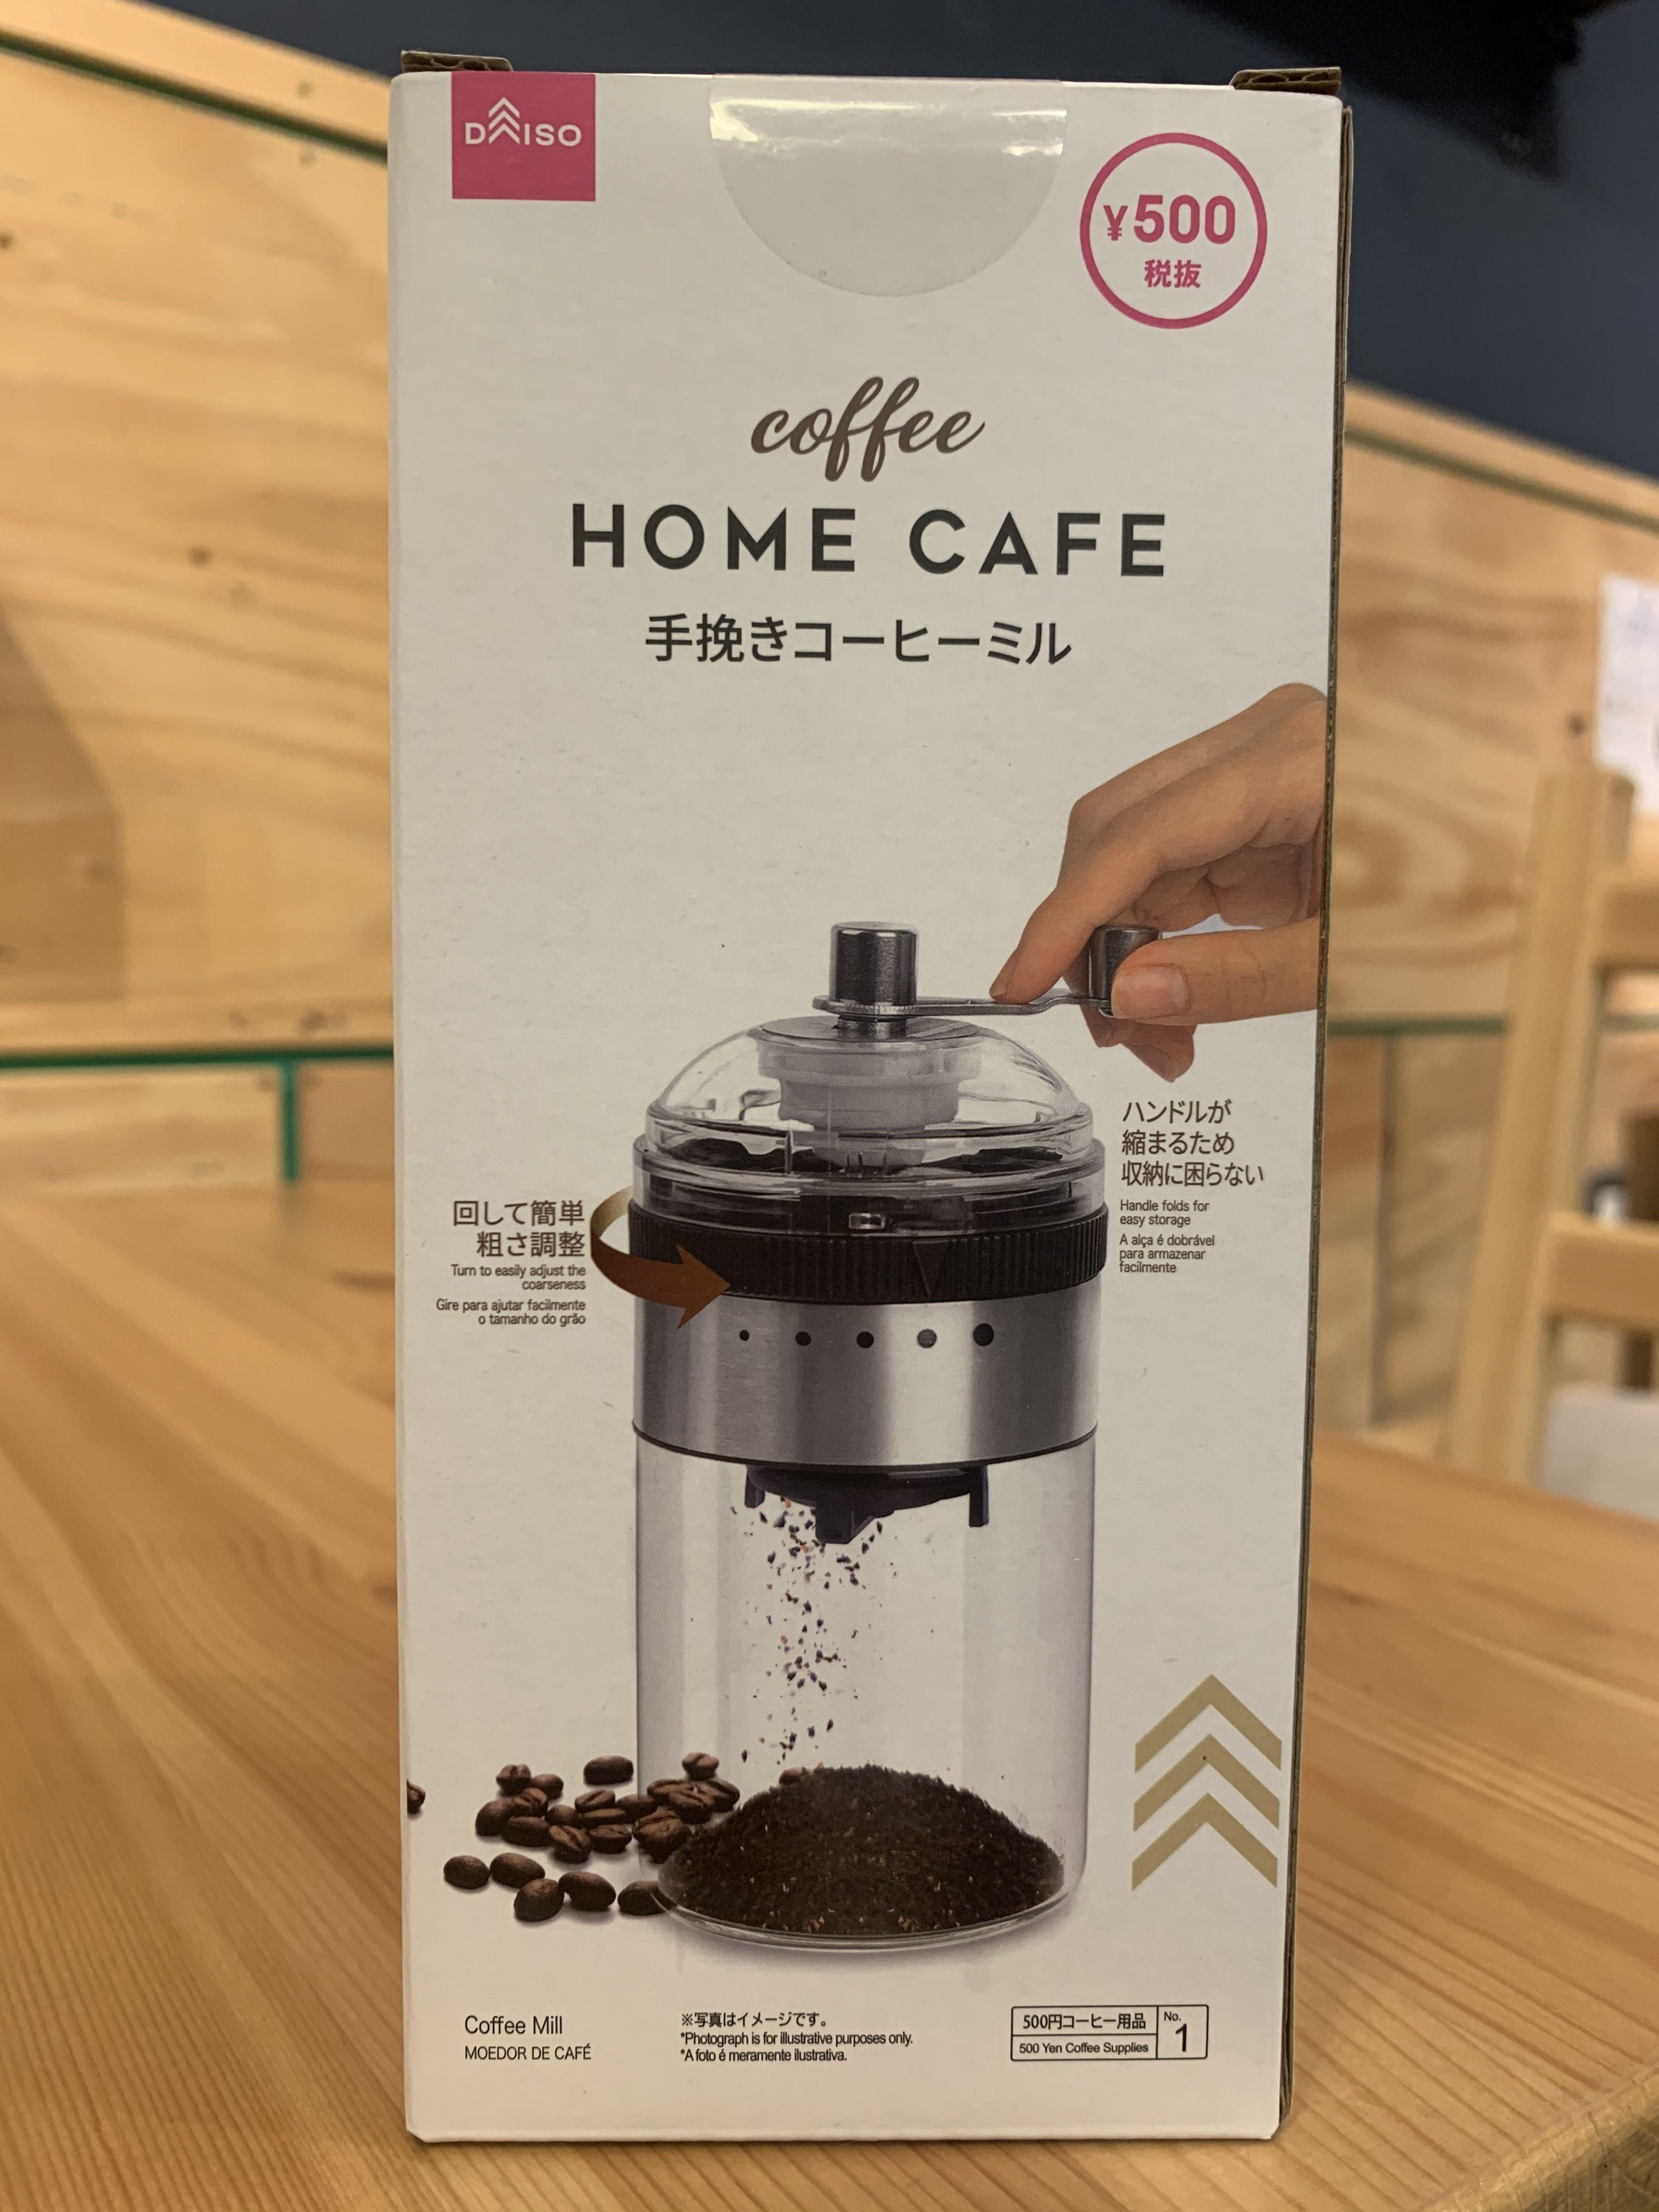 ミル ダイソー コーヒー